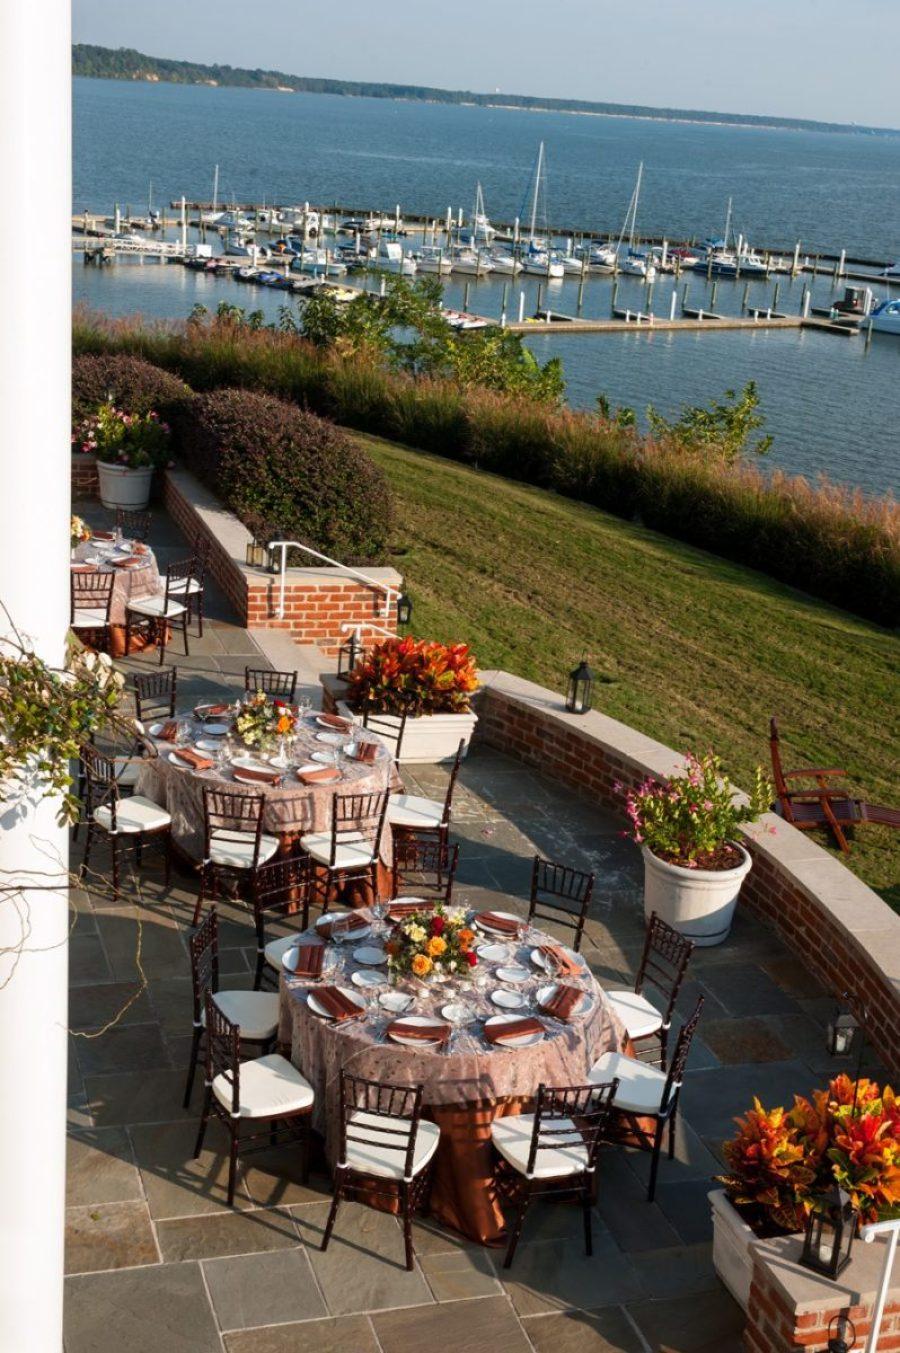 Small_10.05.12-8165-1 True Virginia Elegance at Kingsmill Resort